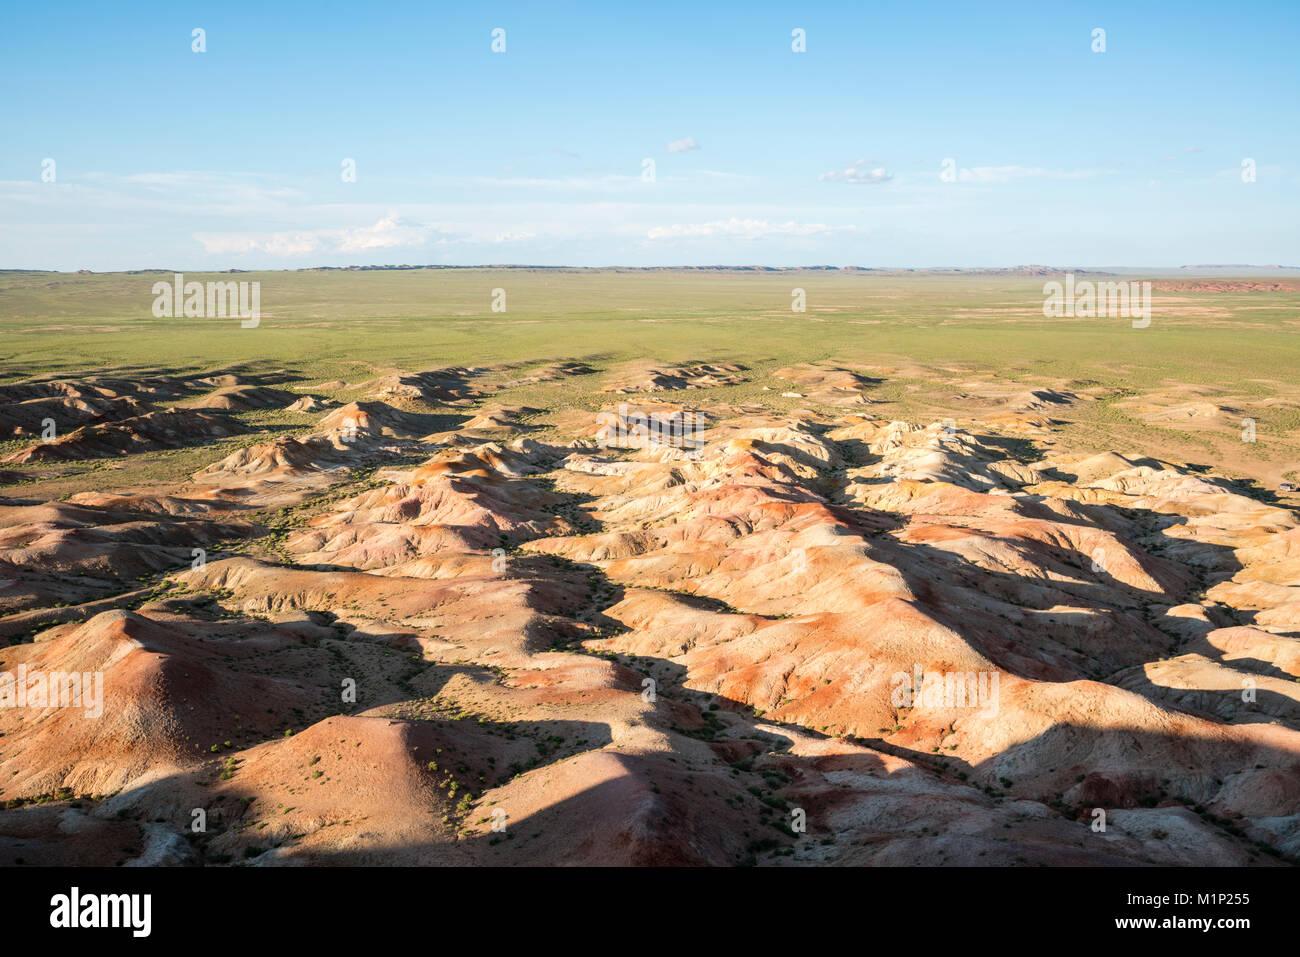 Weiße Stupa sedimentären Gesteinen, Ulziit, Mitte der Provinz Gobi, Mongolei, Zentralasien, Asien Stockbild